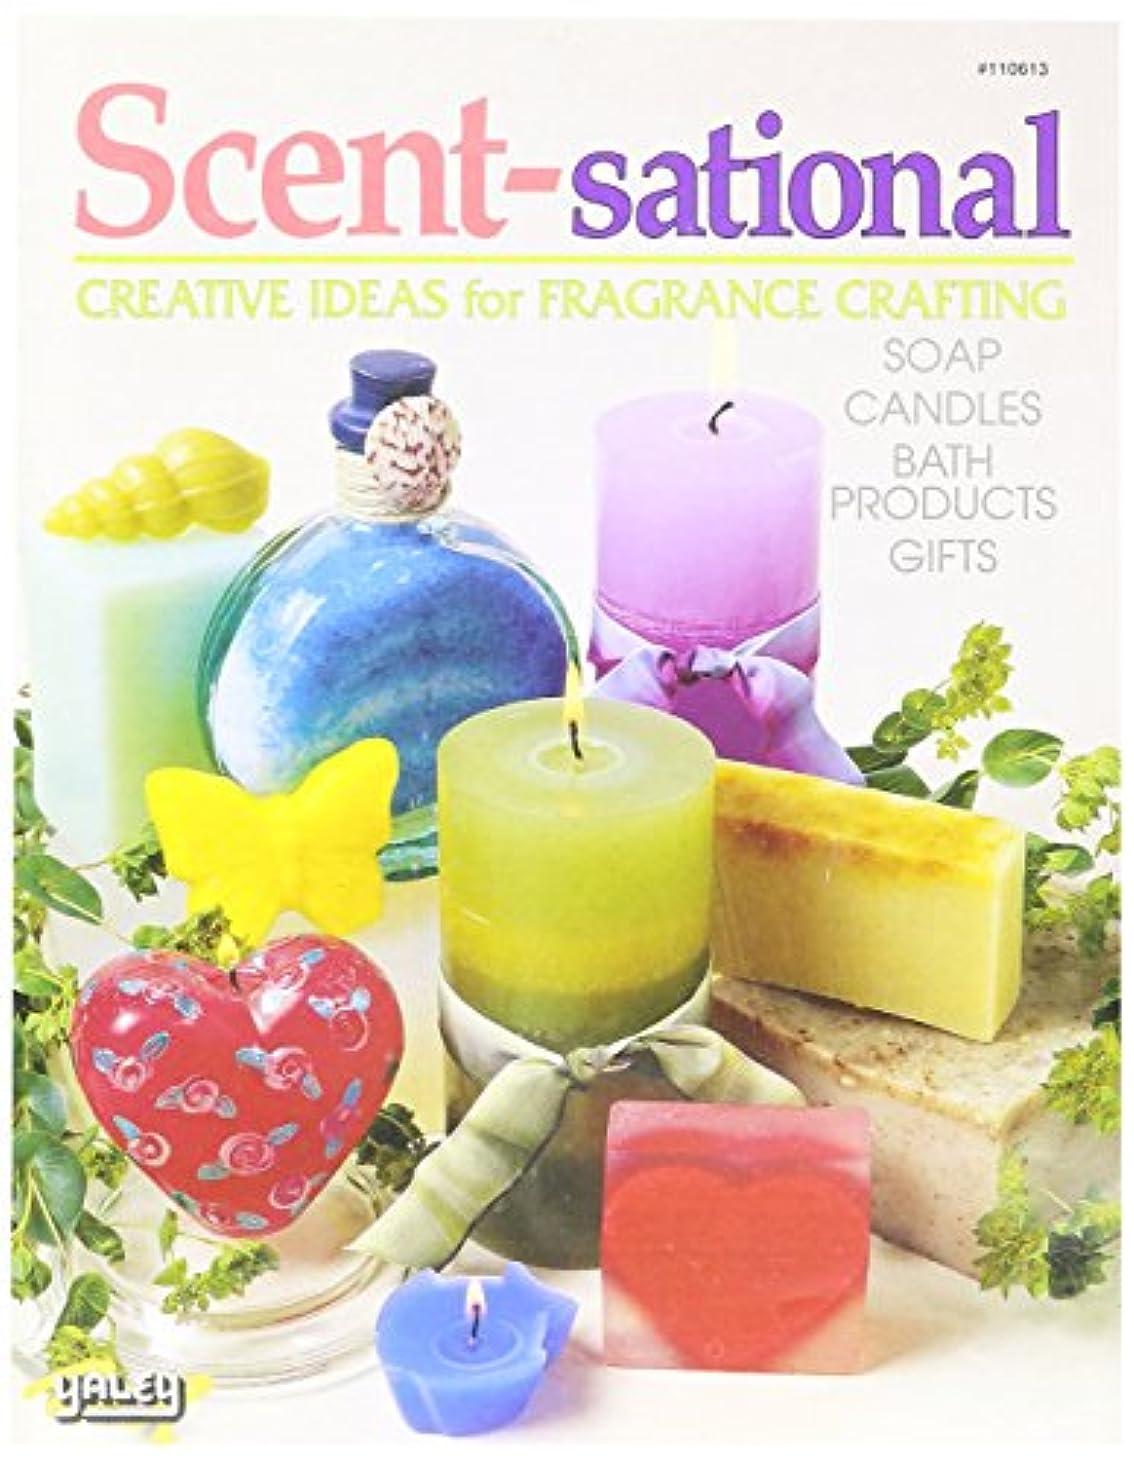 人形トーストチャネルYaley 本 Scentsational 本 (石鹸 & キャンドル)